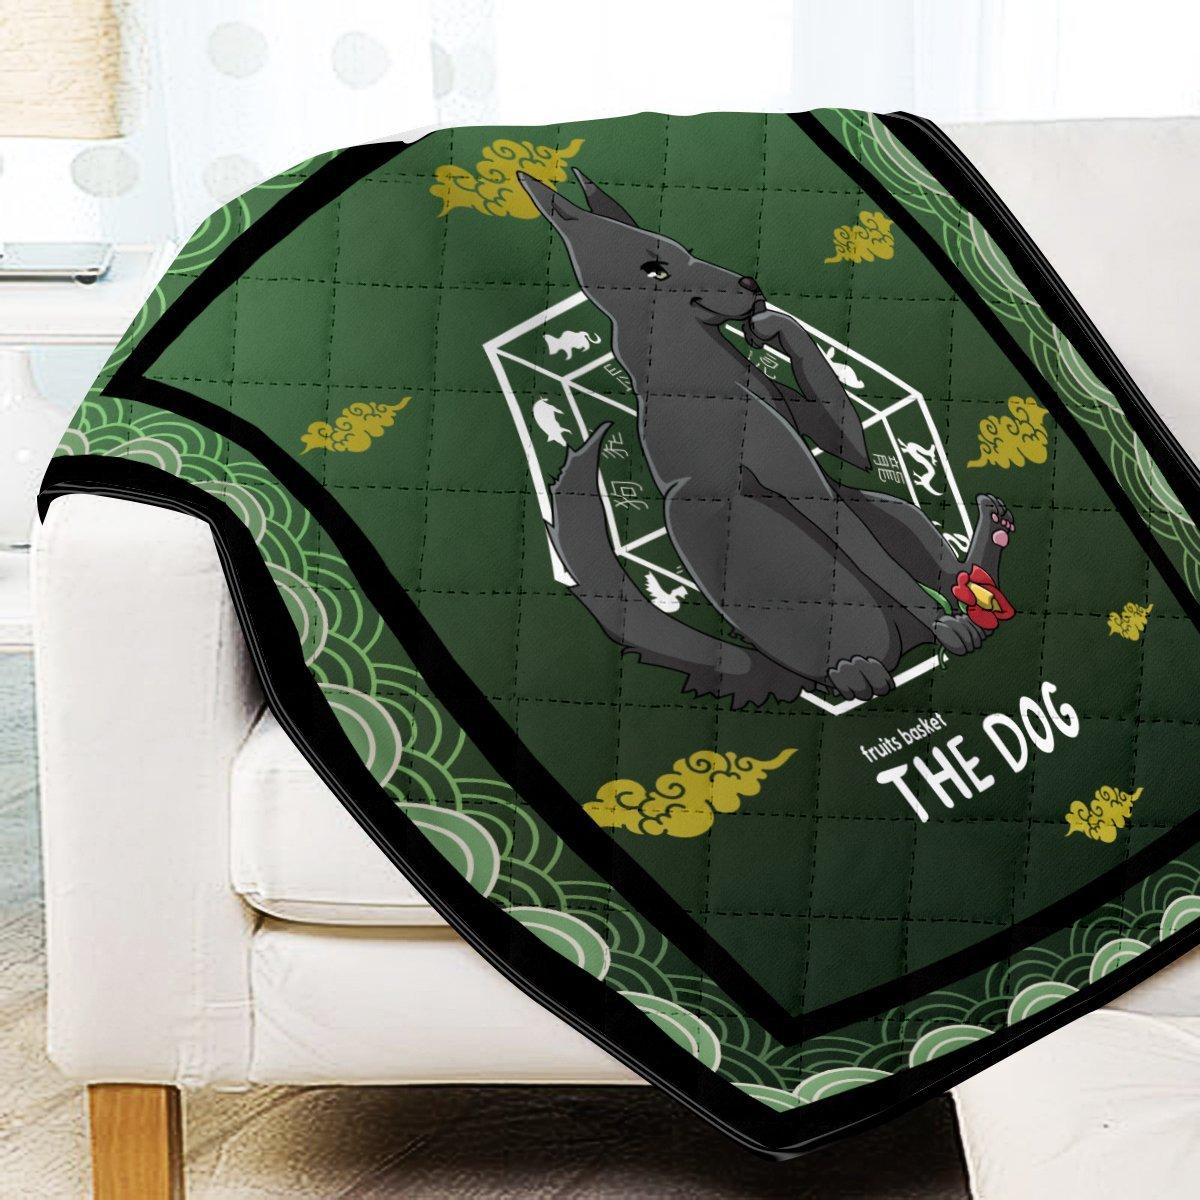 Shigure the Dog Quilt Blanket Official Merch FDM3009 Twin Official Otaku Treat Merch